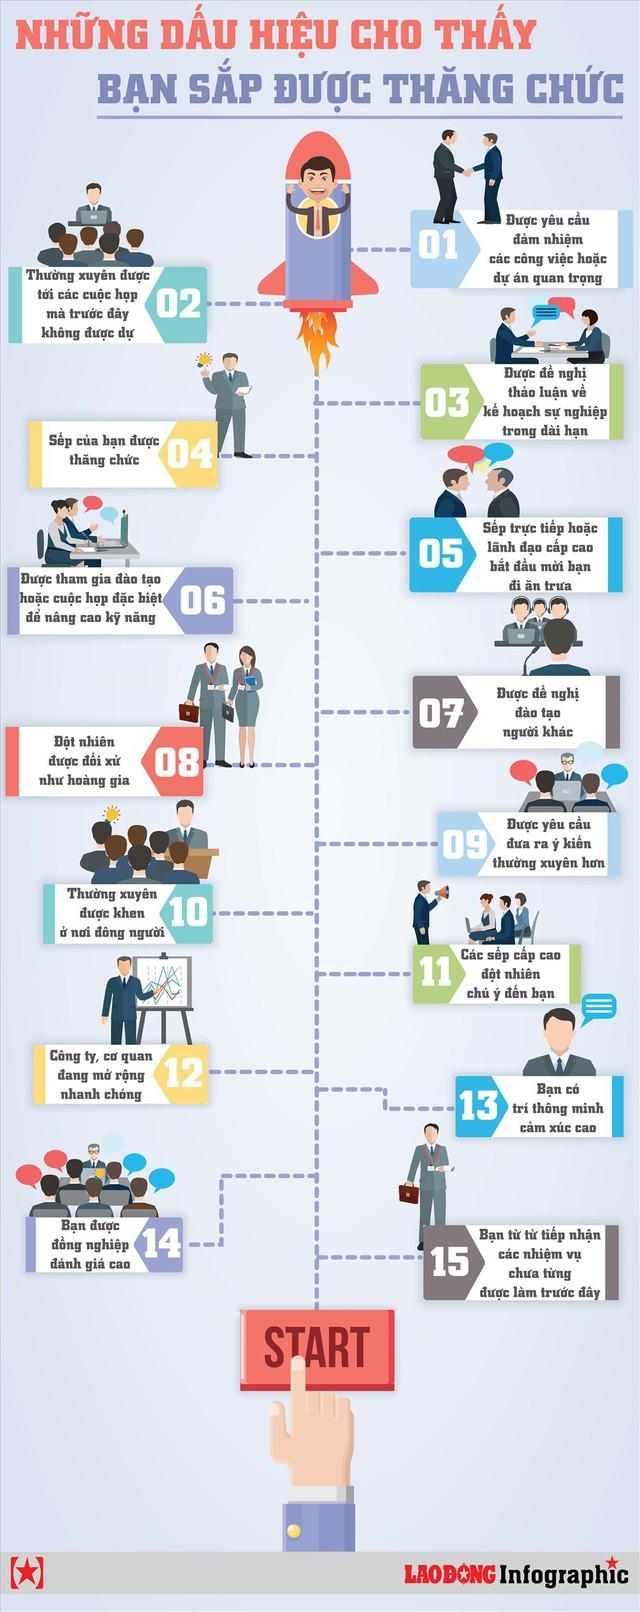 Infographic: Những dấu hiệu cho thấy bạn sắp được thăng chức - Ảnh 1.